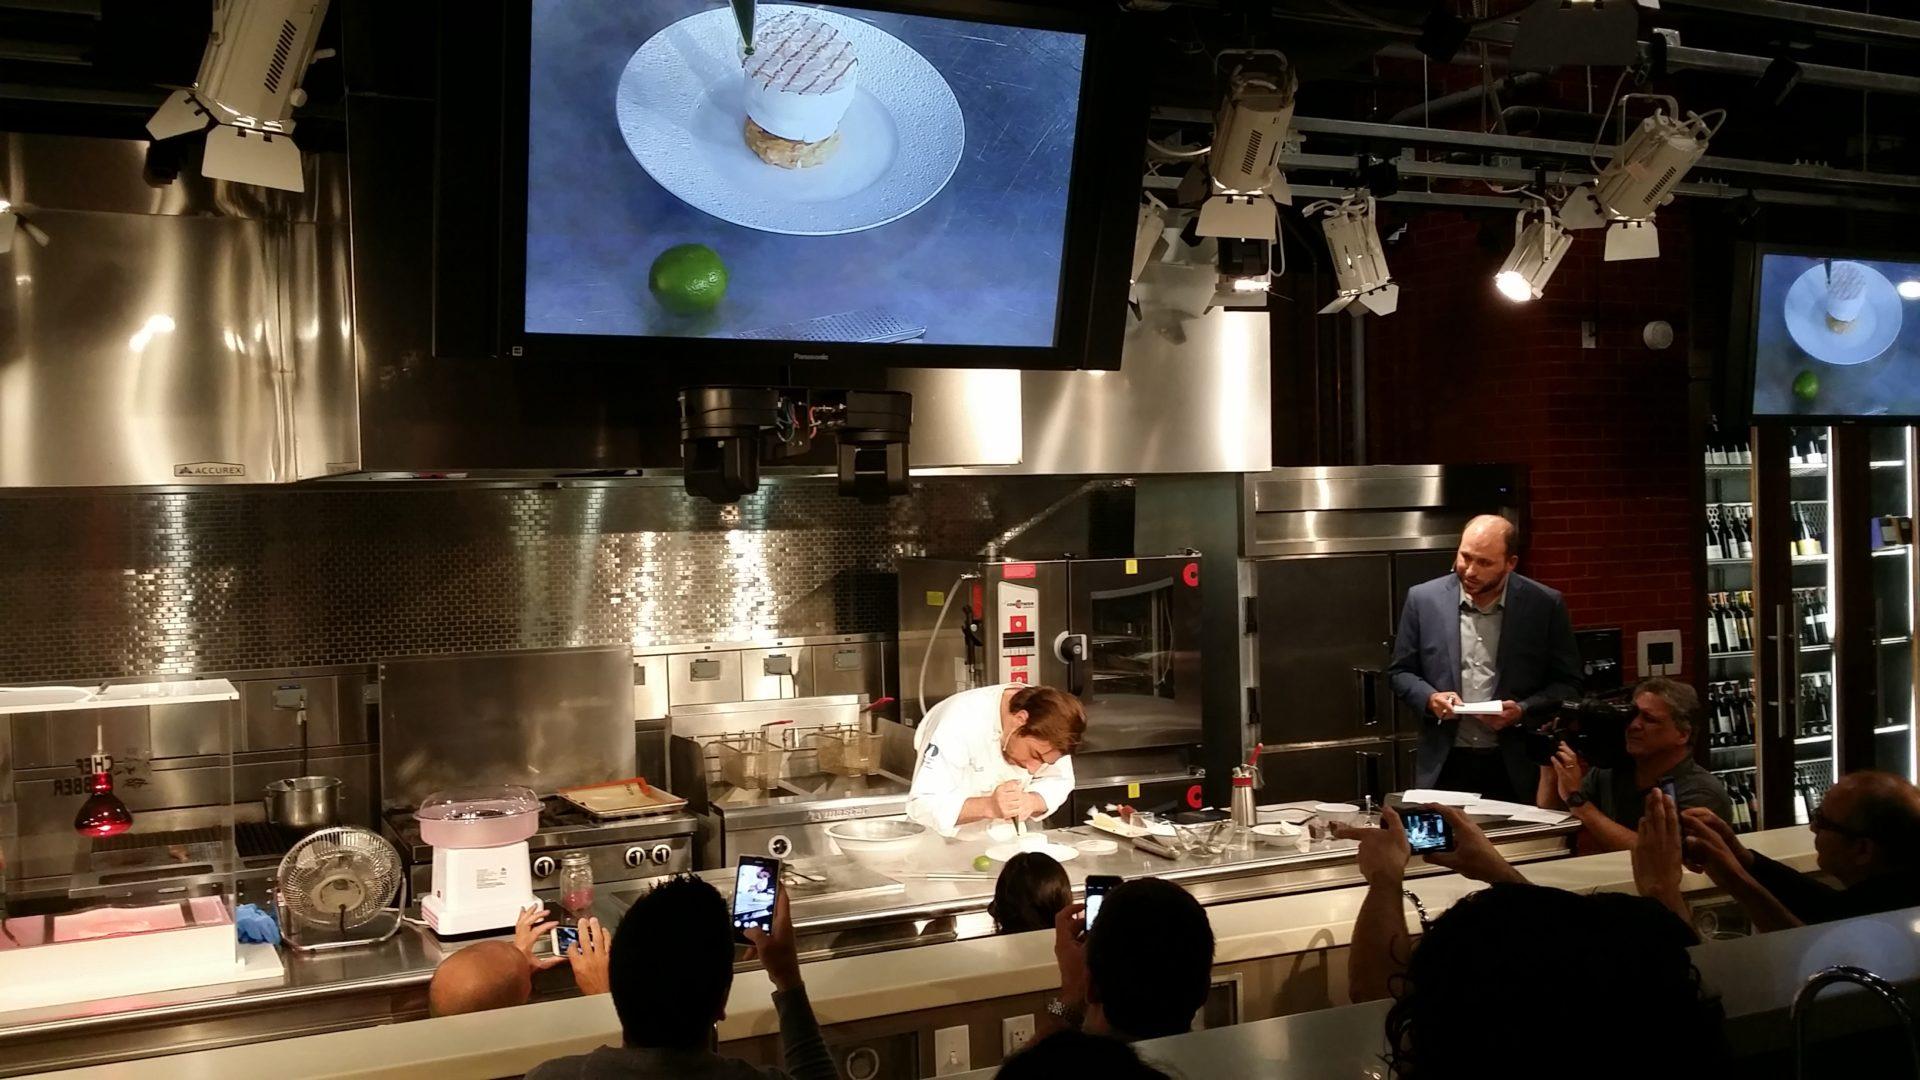 Fotografía de Jordi Roca en la que imparte una clase magistral en la escuela de gastronomía de Miami BBVA